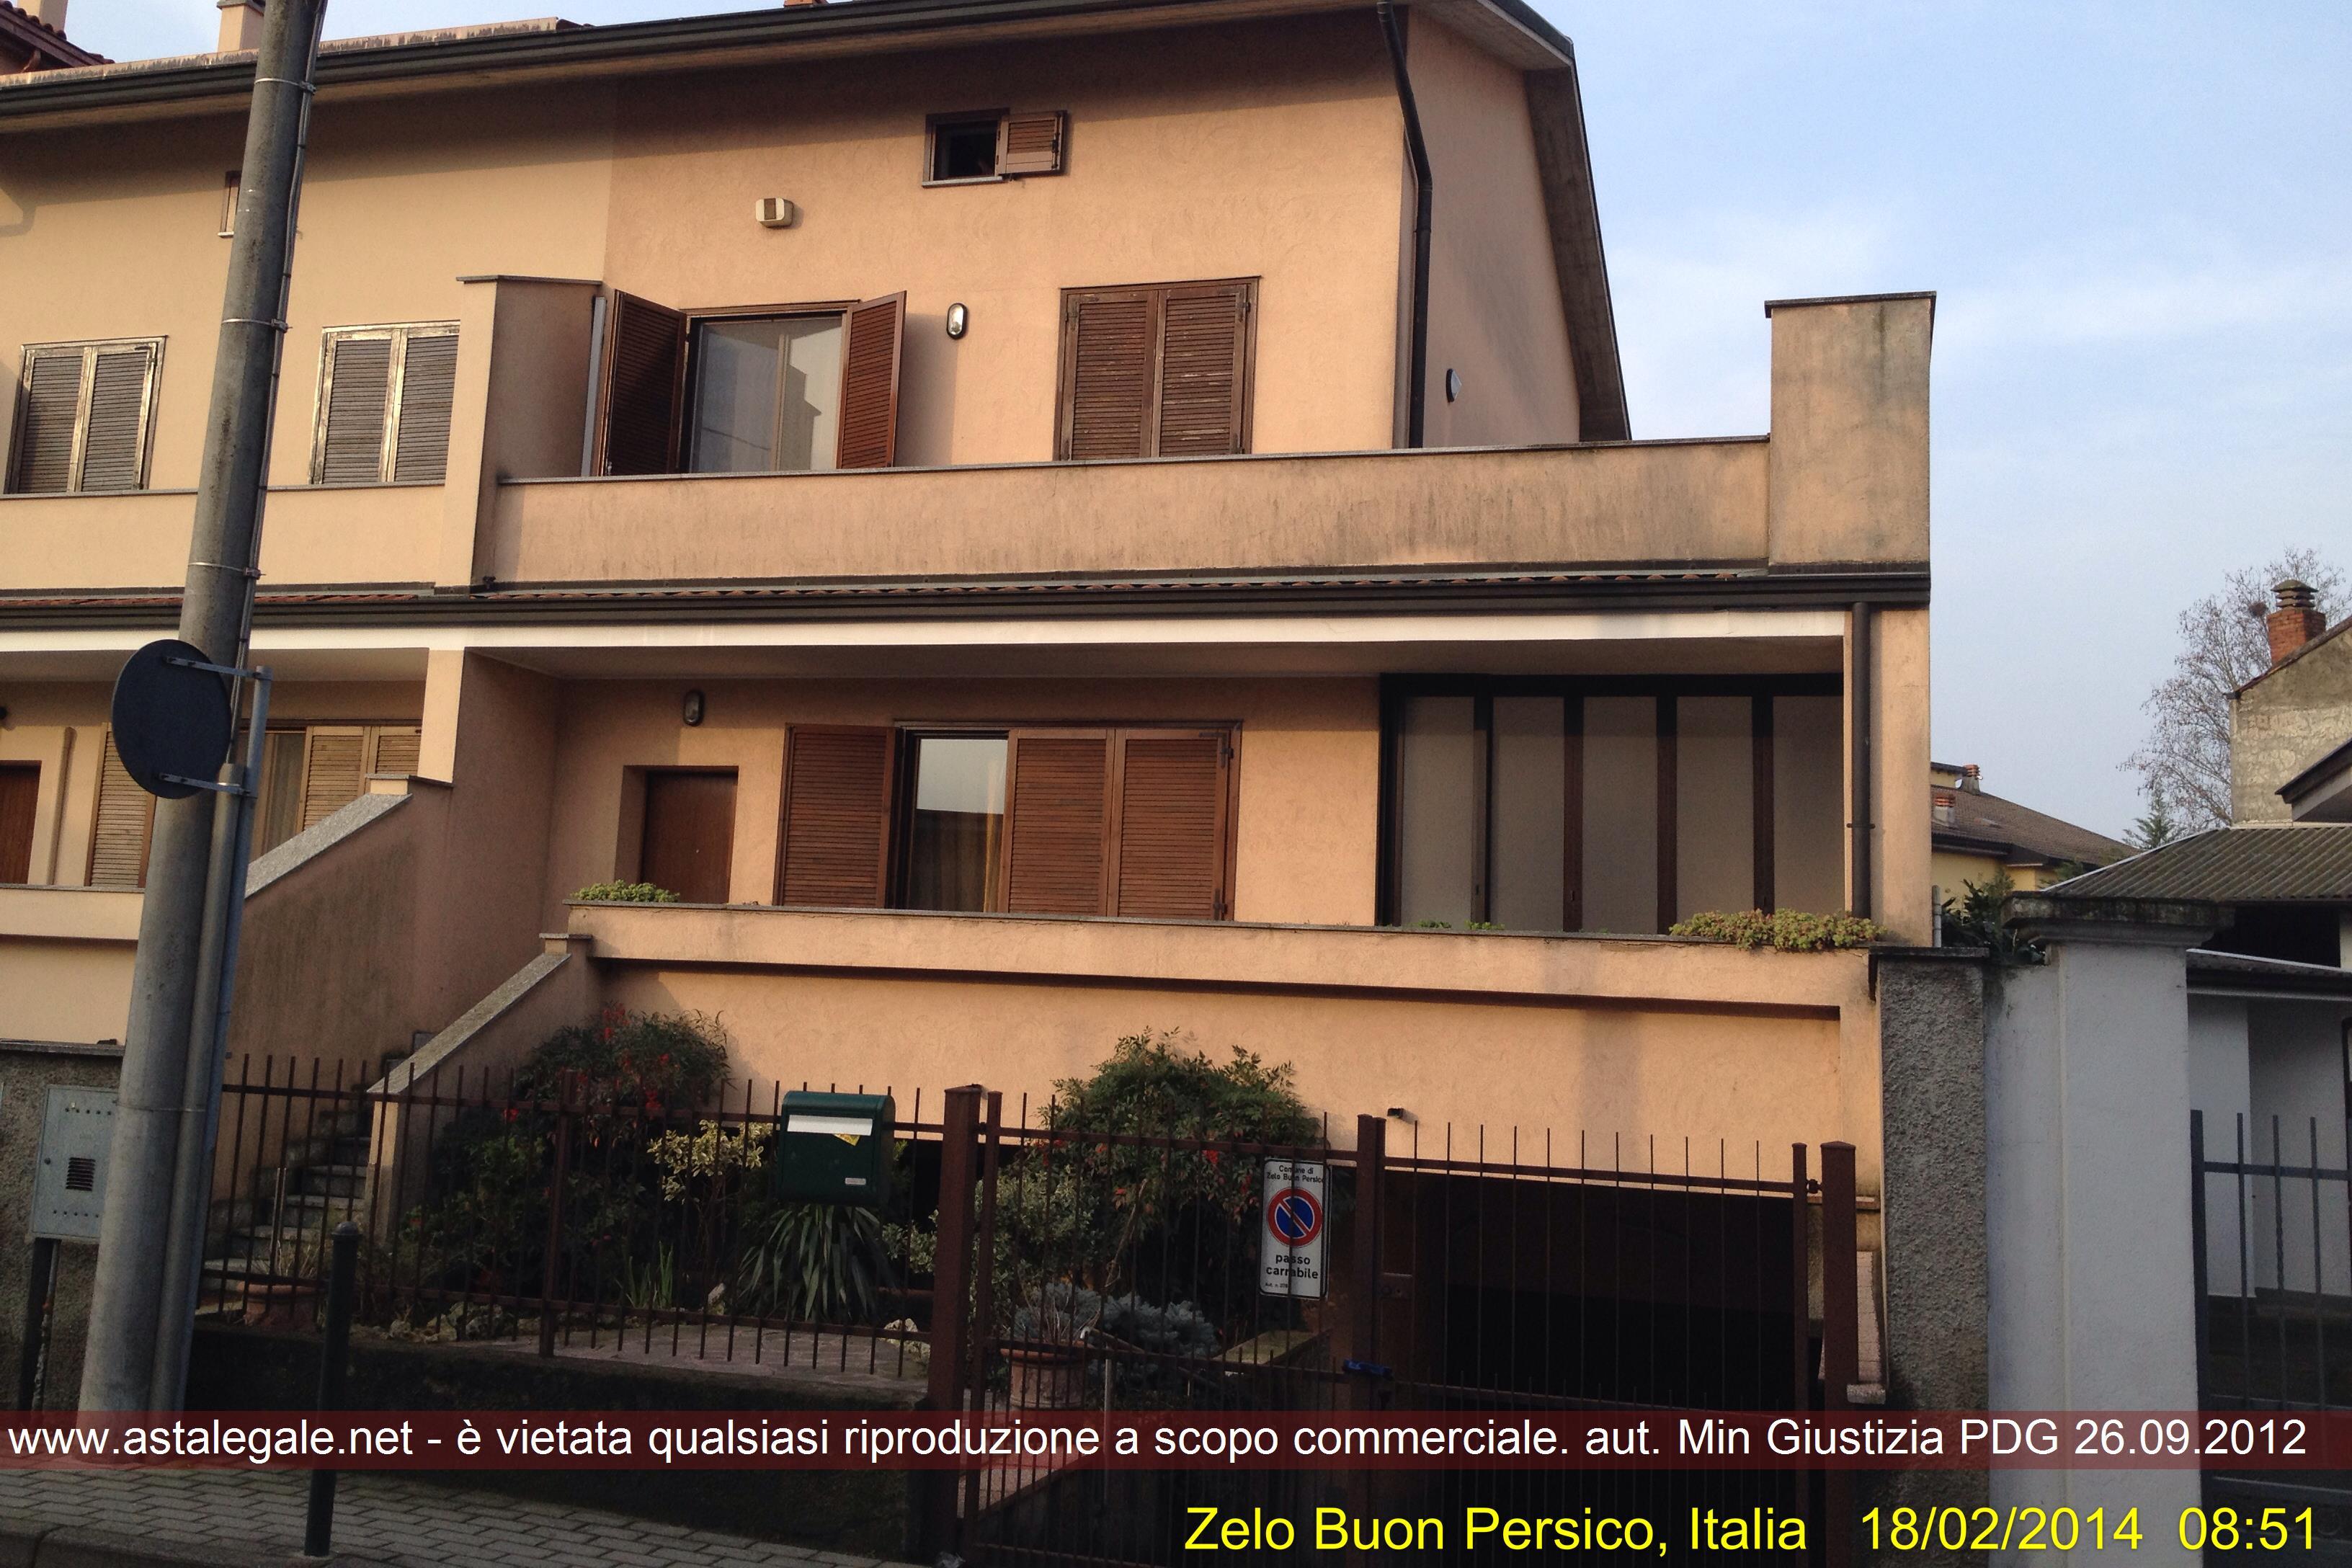 Zelo Buon Persico (LO) Via Manzoni 3/C